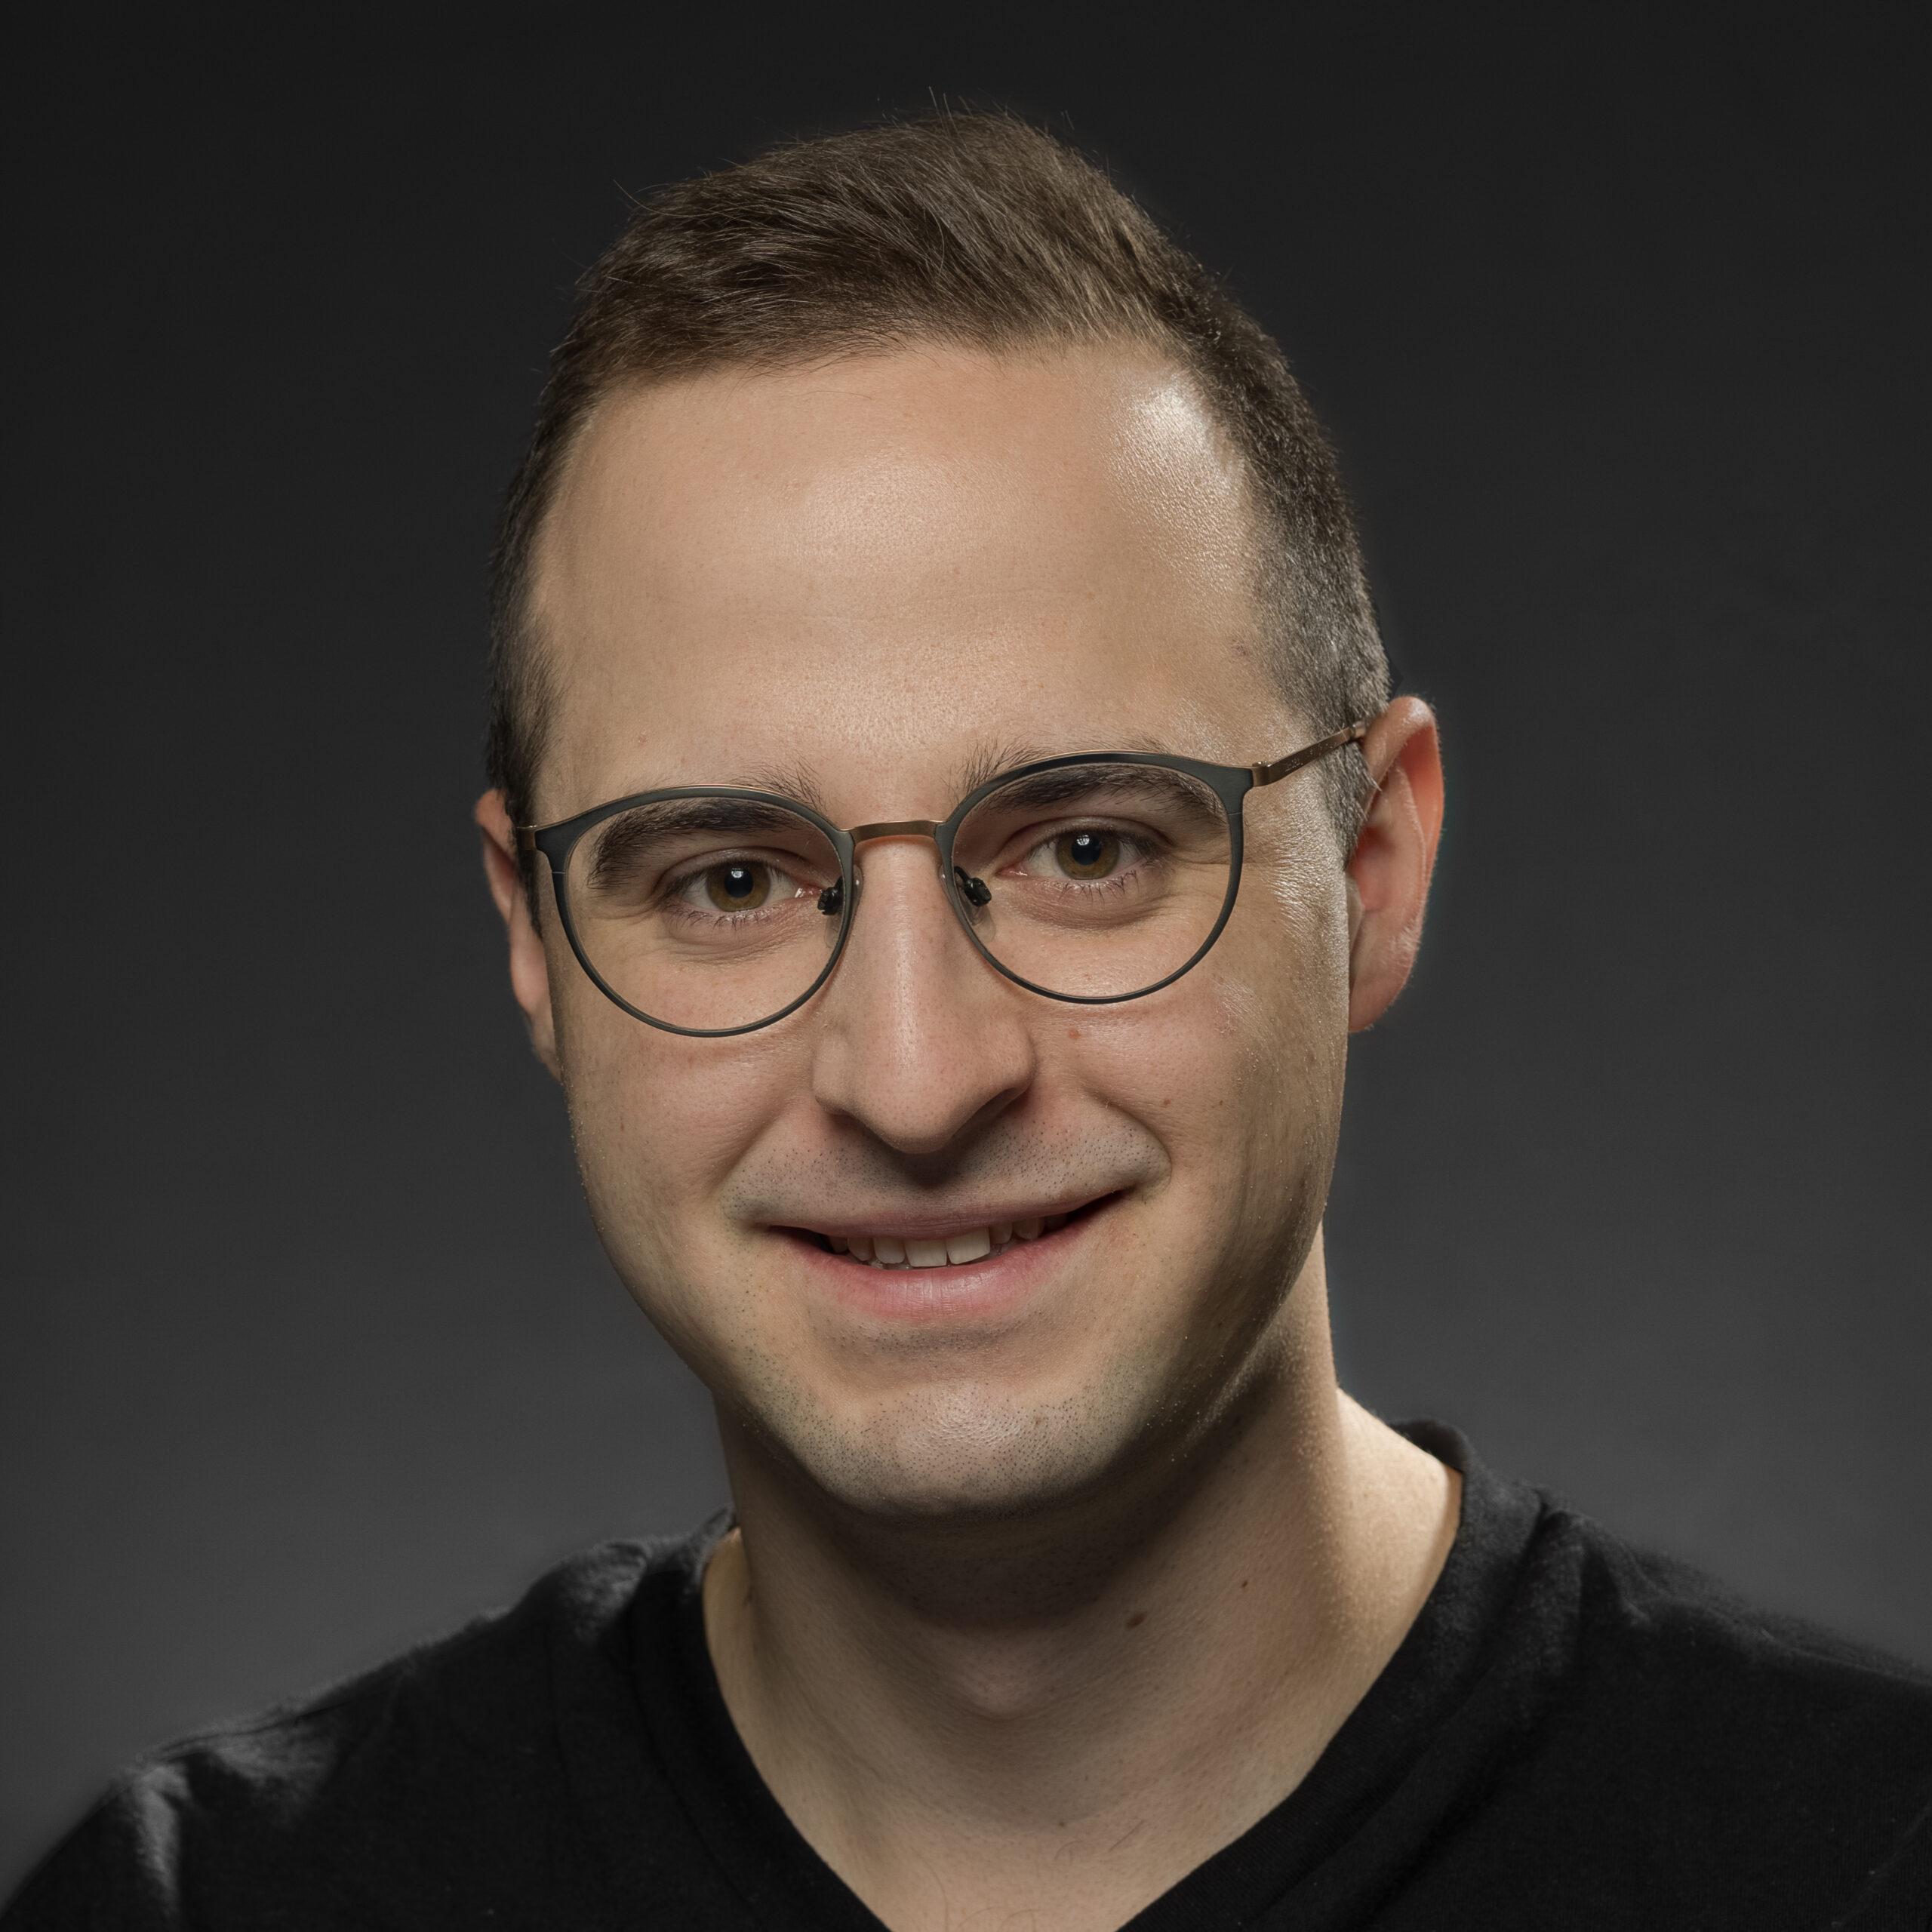 Jakub Czerny